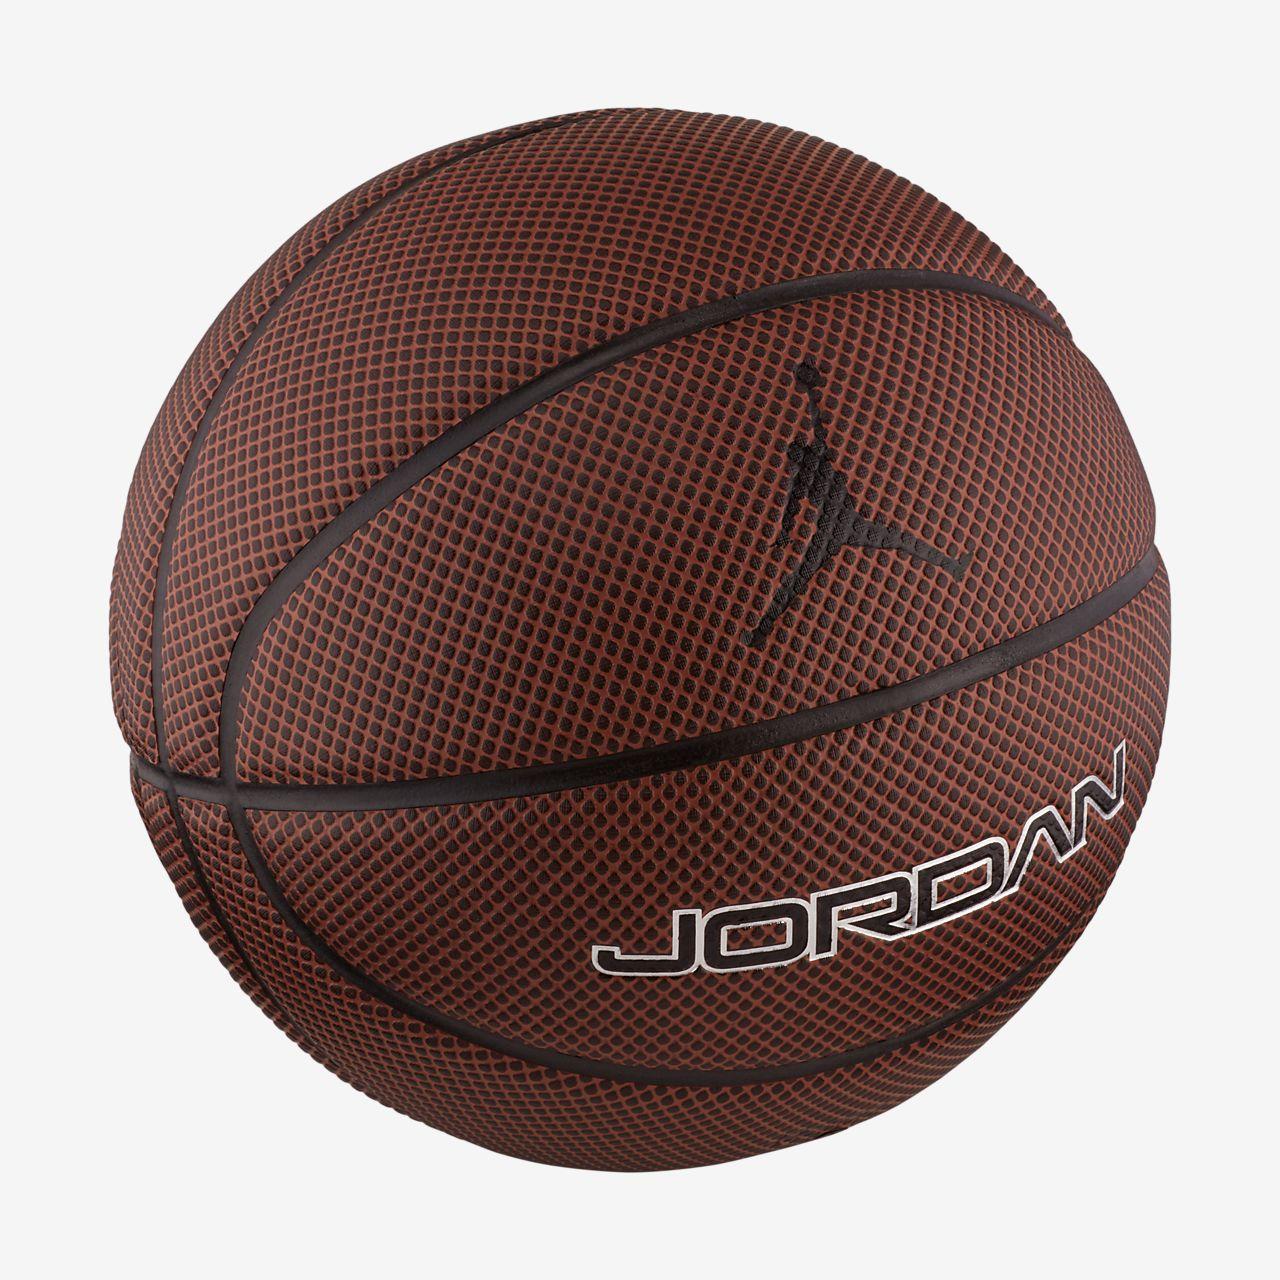 Bola de basquetebol Jordan Legacy 8P (tamanho 7). Nike.com PT b2c54b18539a3